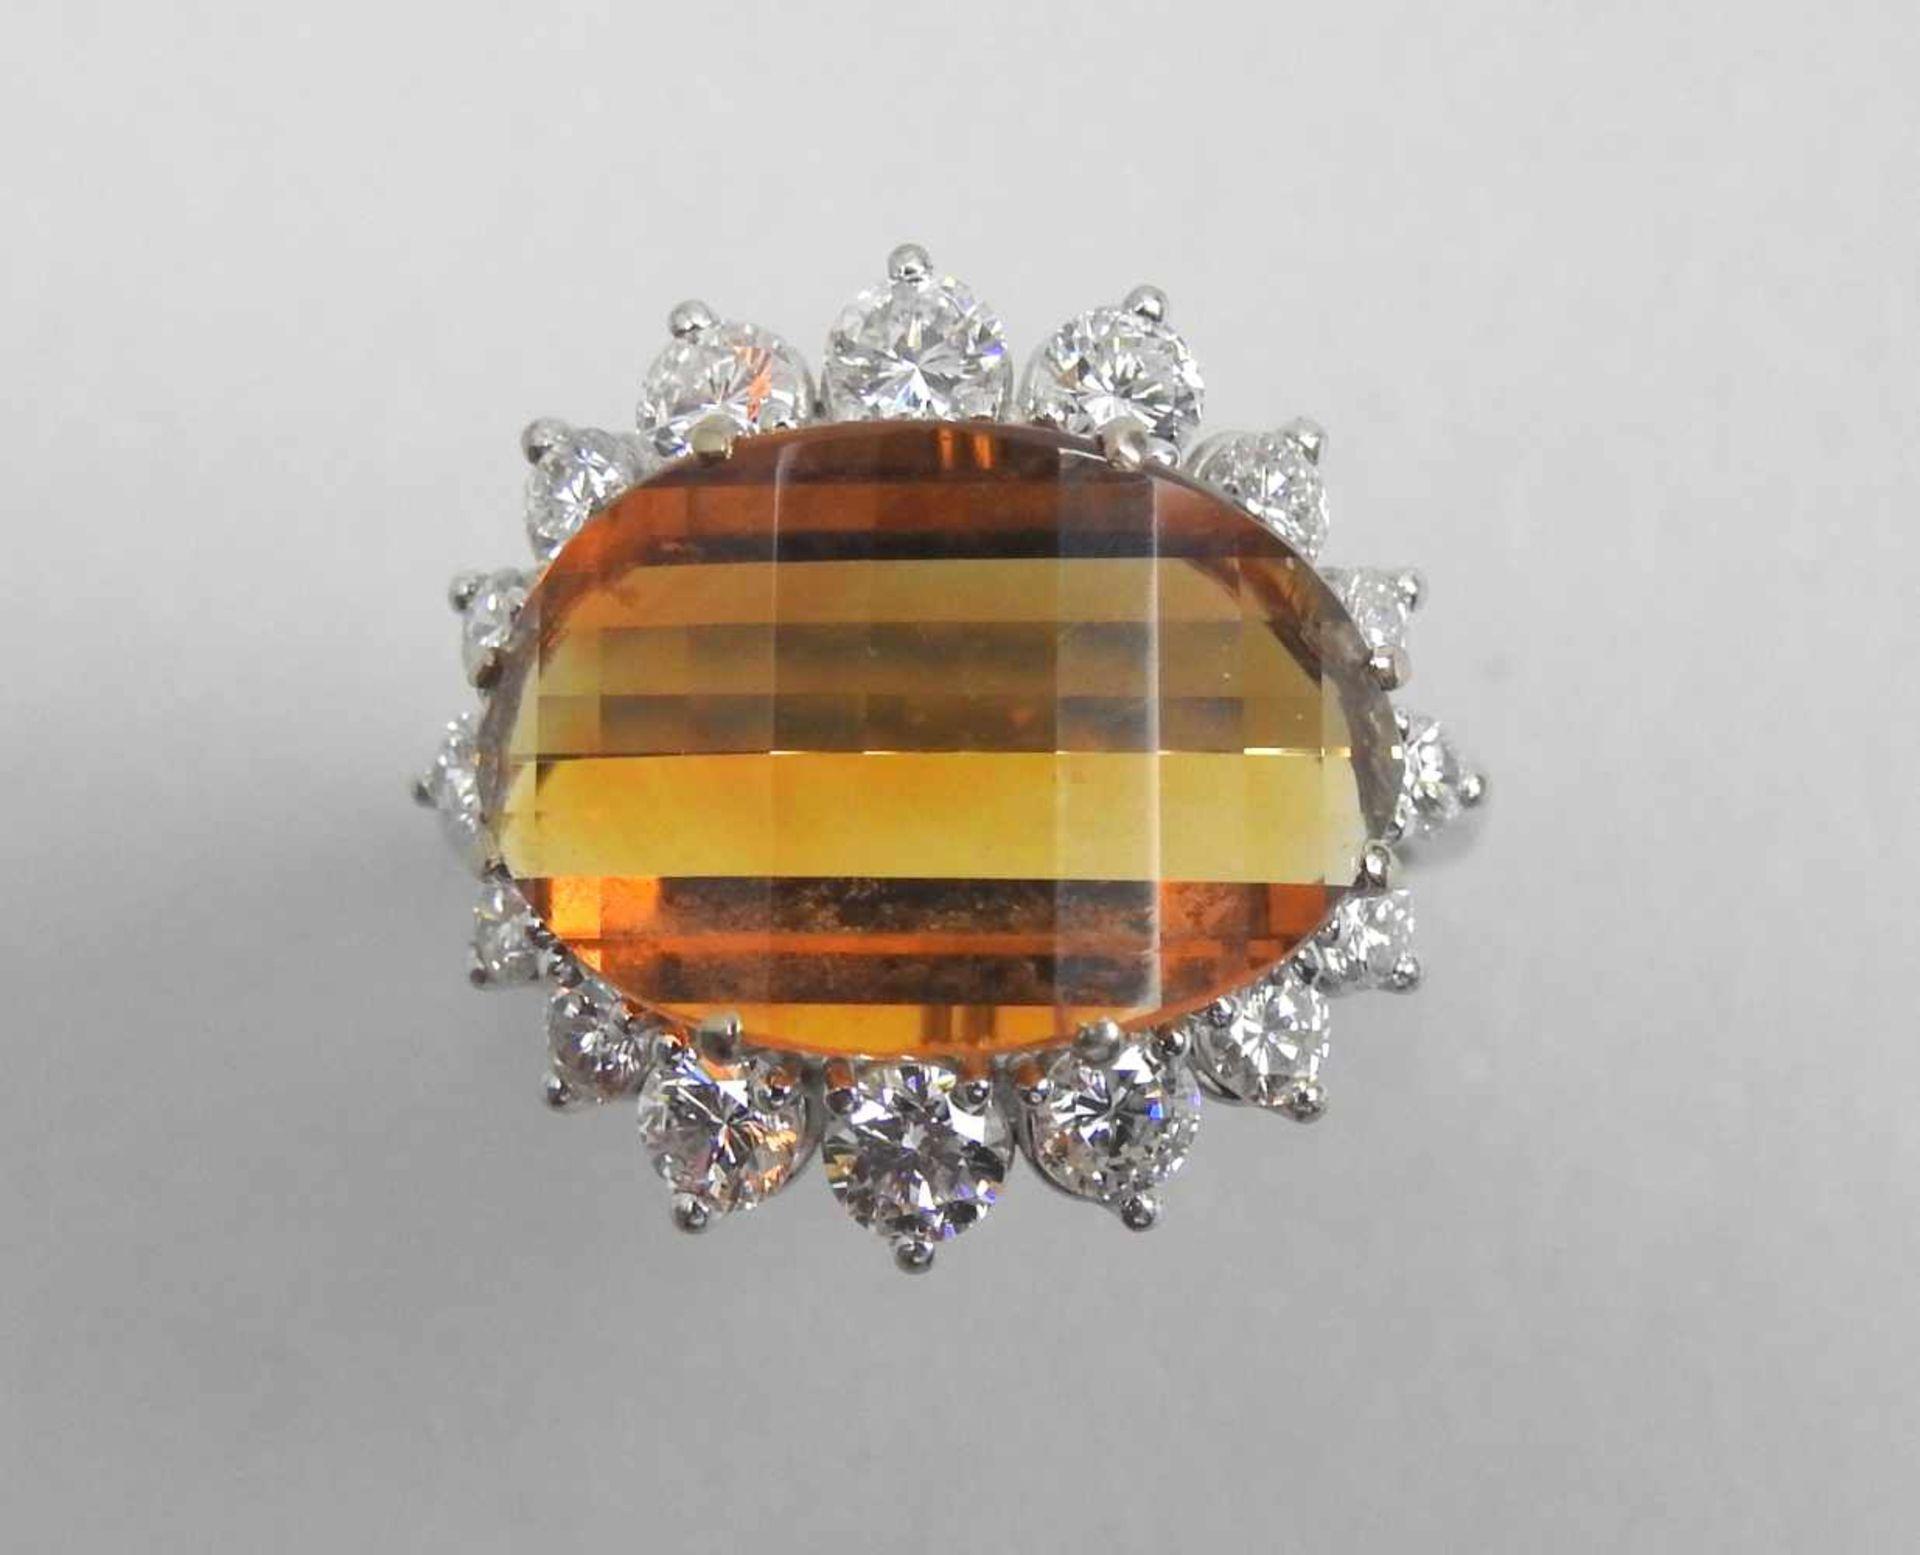 Großer Citrin-Diamant-Ring18 K. Weißgold mit großem Citrin, ca. 5 ct und Diamanten,